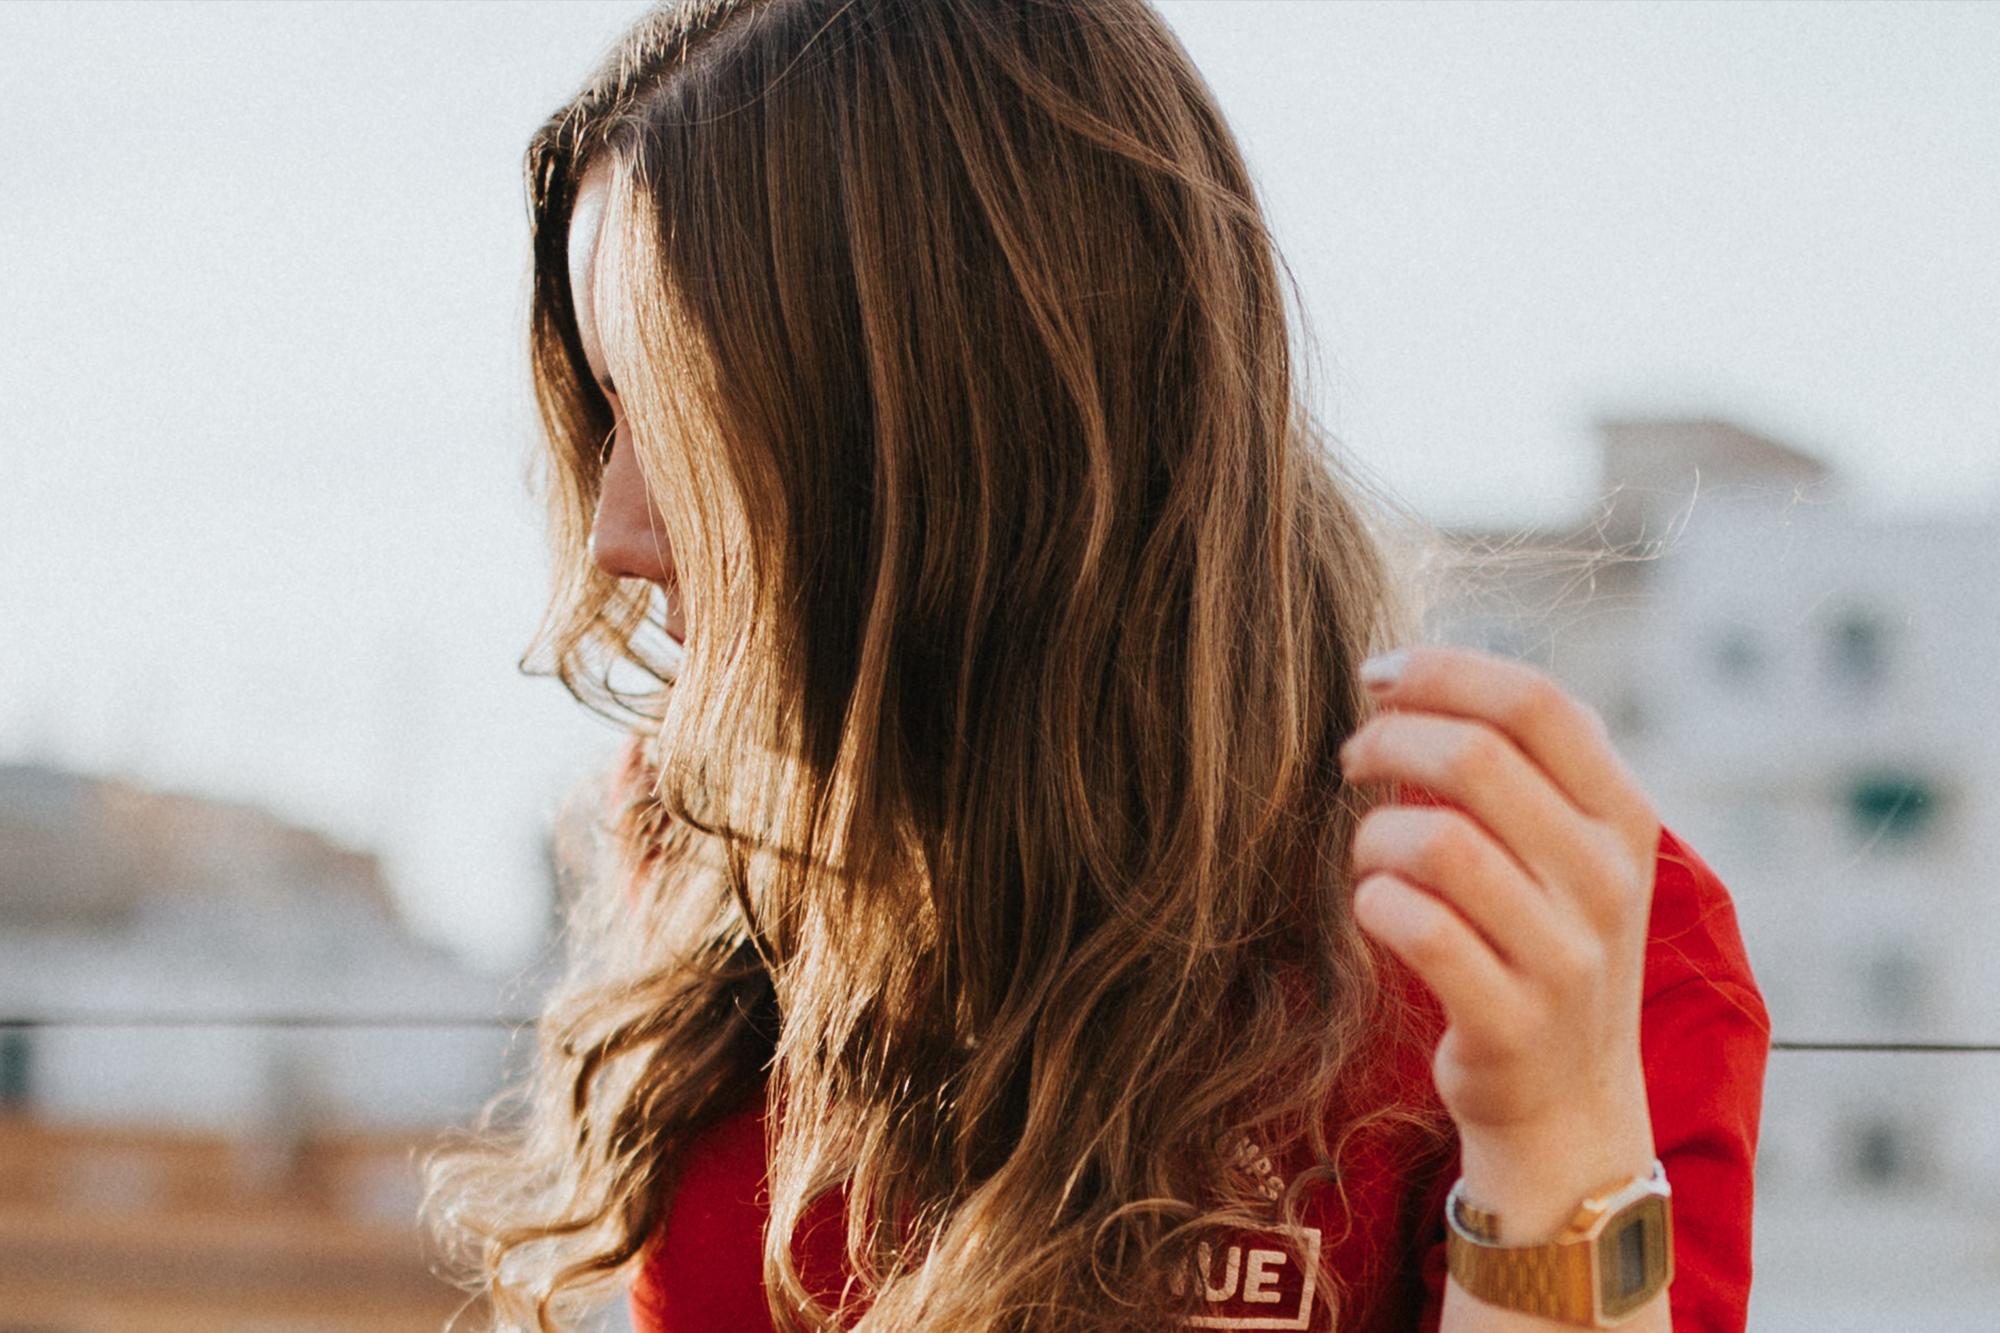 Como_conseguir_un_volumen_natural_en_el_cabello